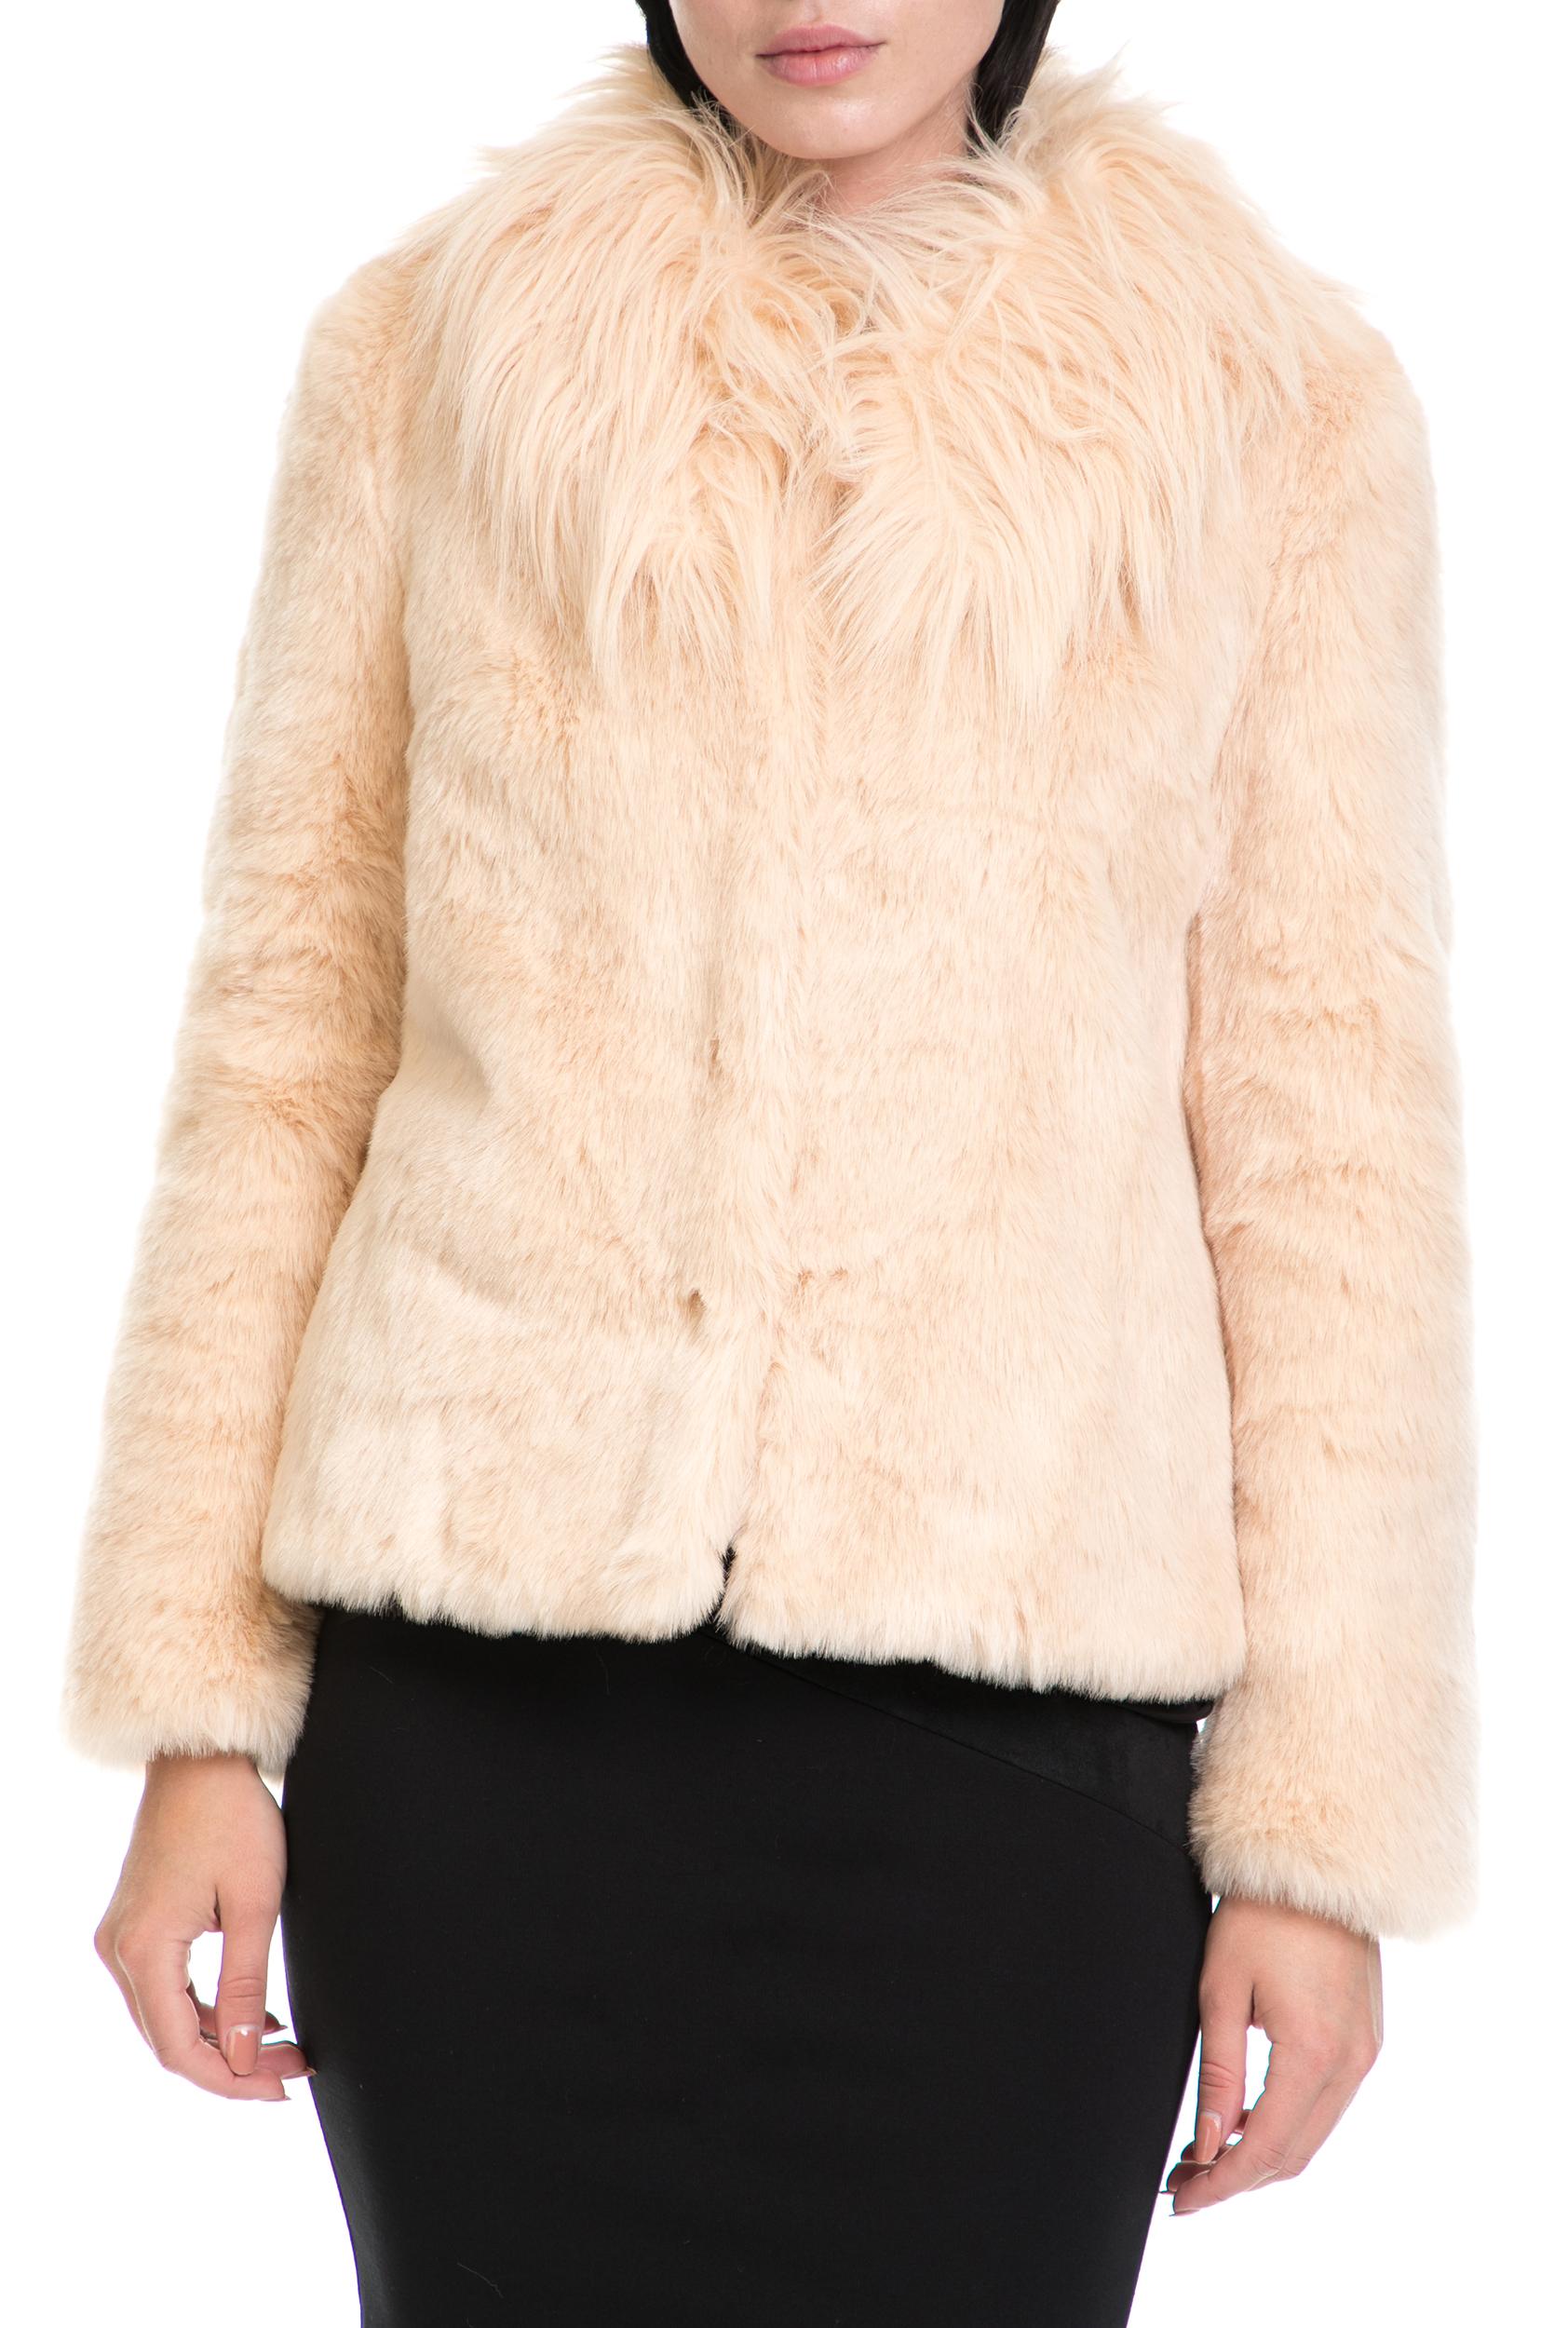 GUESS – Γυναικείο παλτό AGATA GUESS ροζ